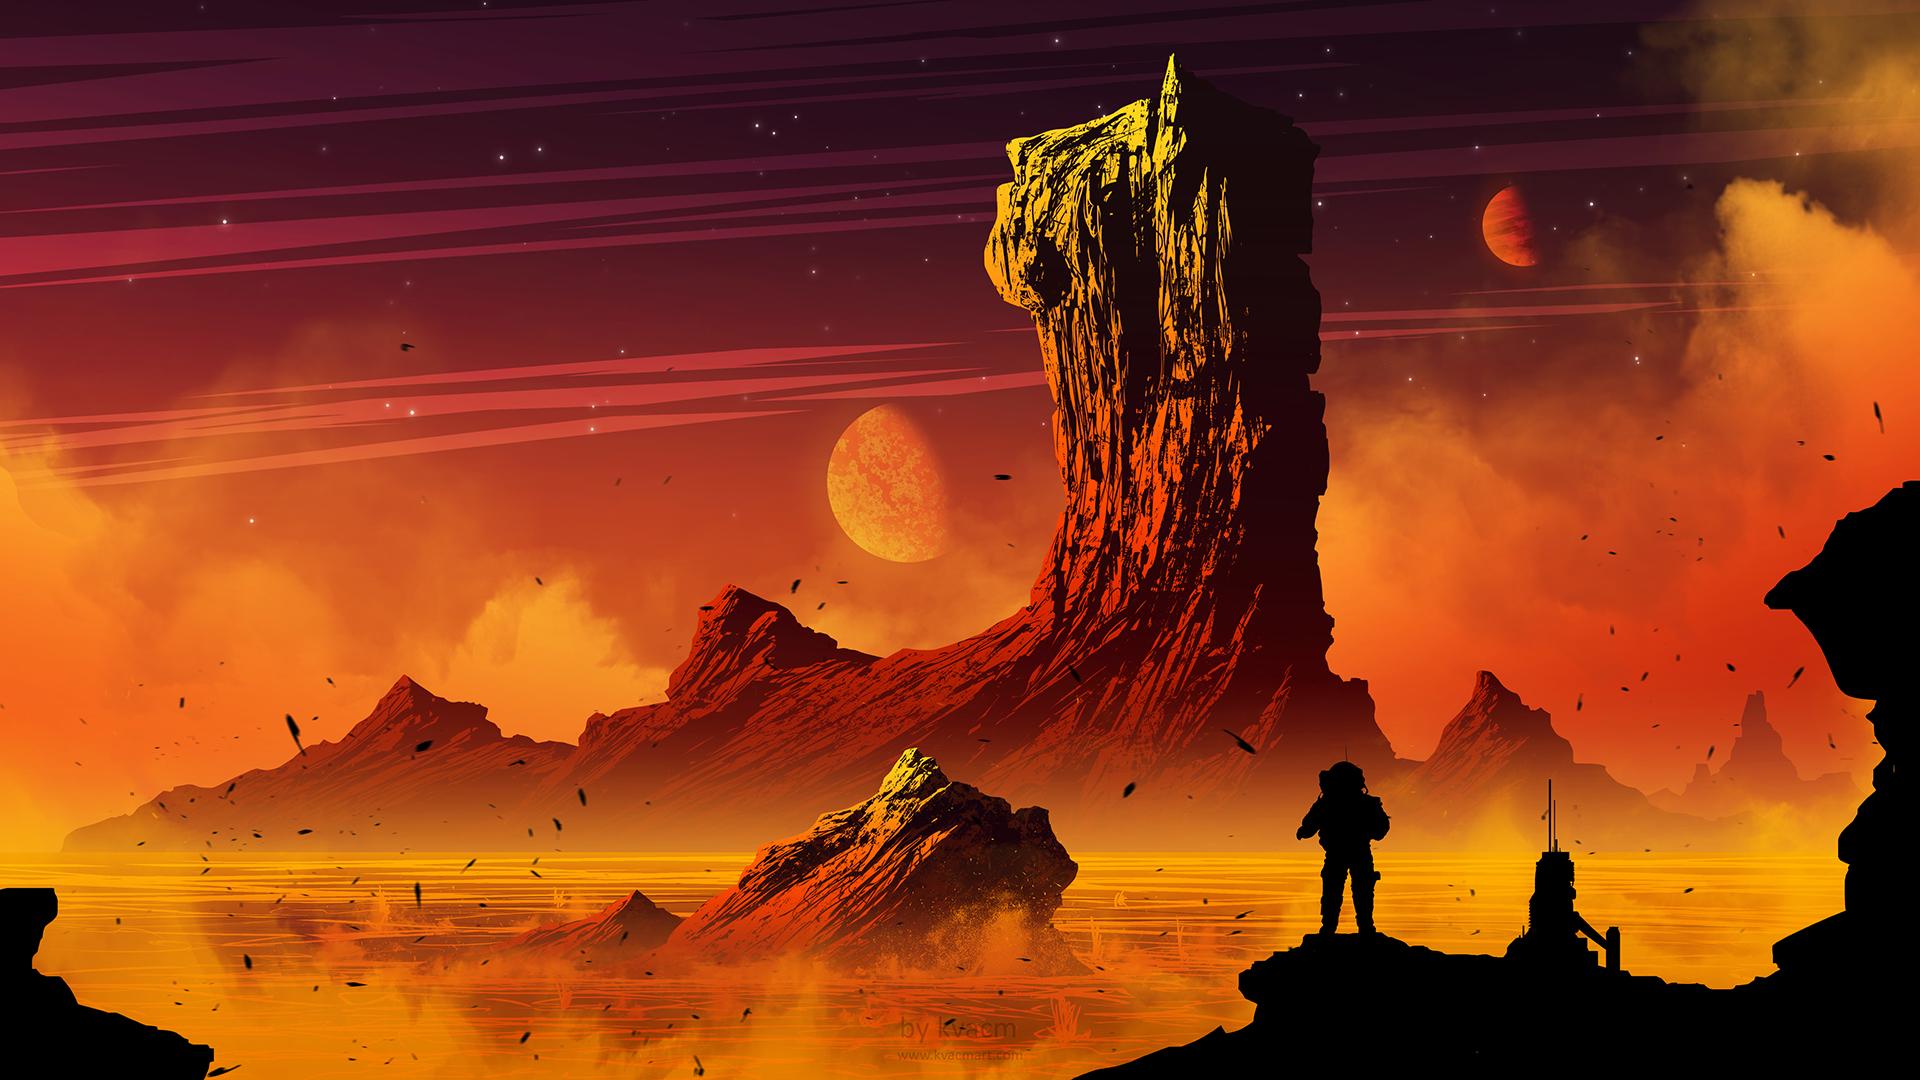 General 1920x1080 digital art landscape mountains space planet astronaut fantasy art Kvacm science fiction orange